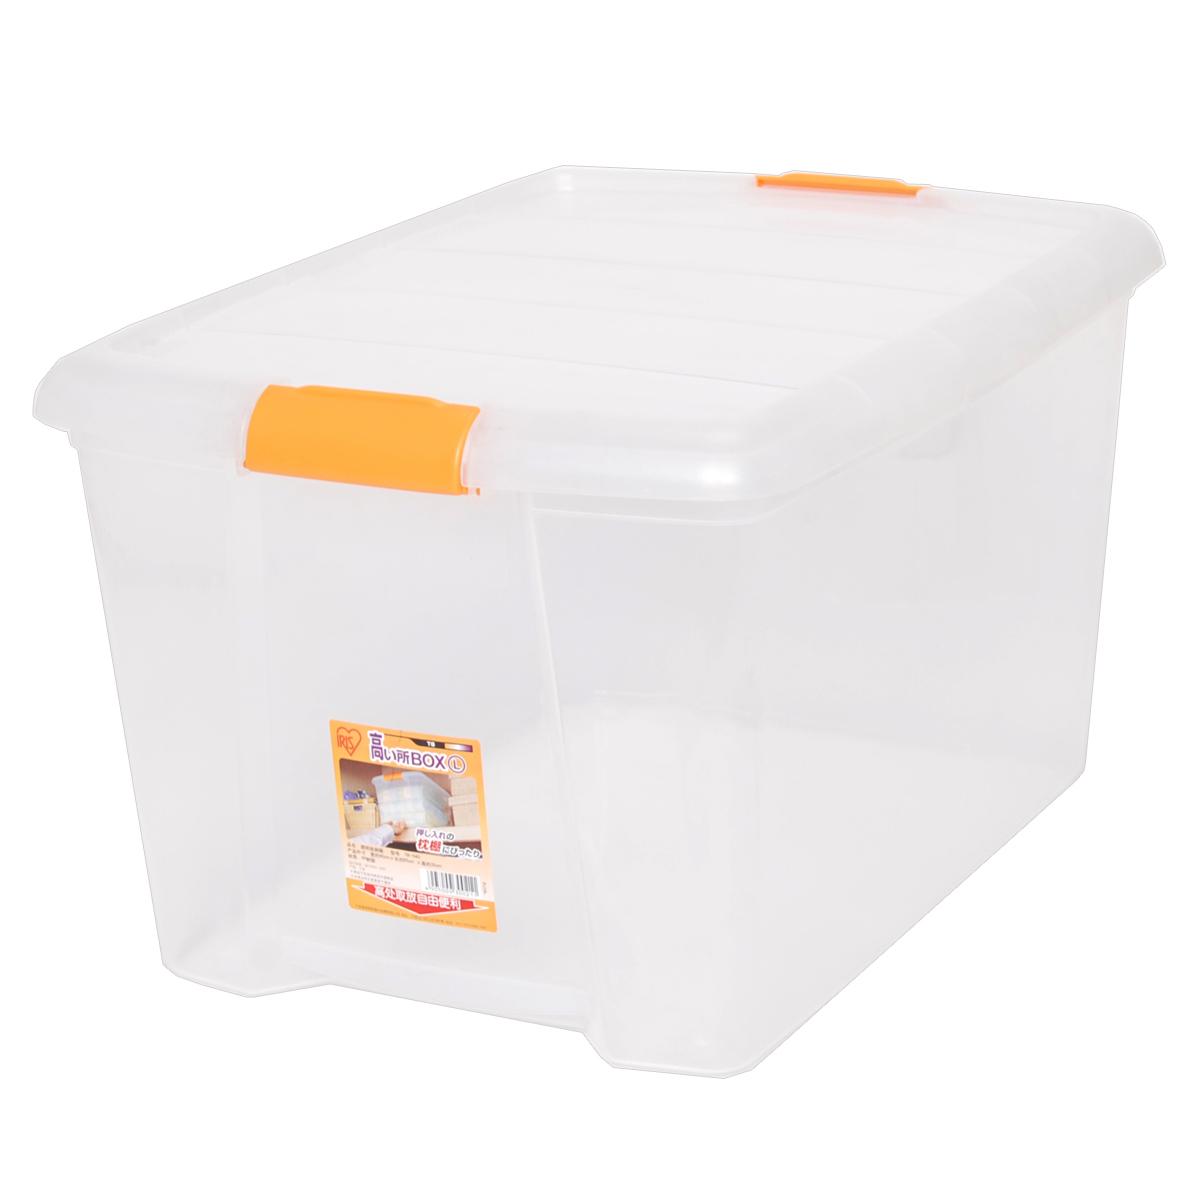 爱丽思iris 透明收纳盒大号树脂衣物整理收纳箱67l tb-64d 包邮